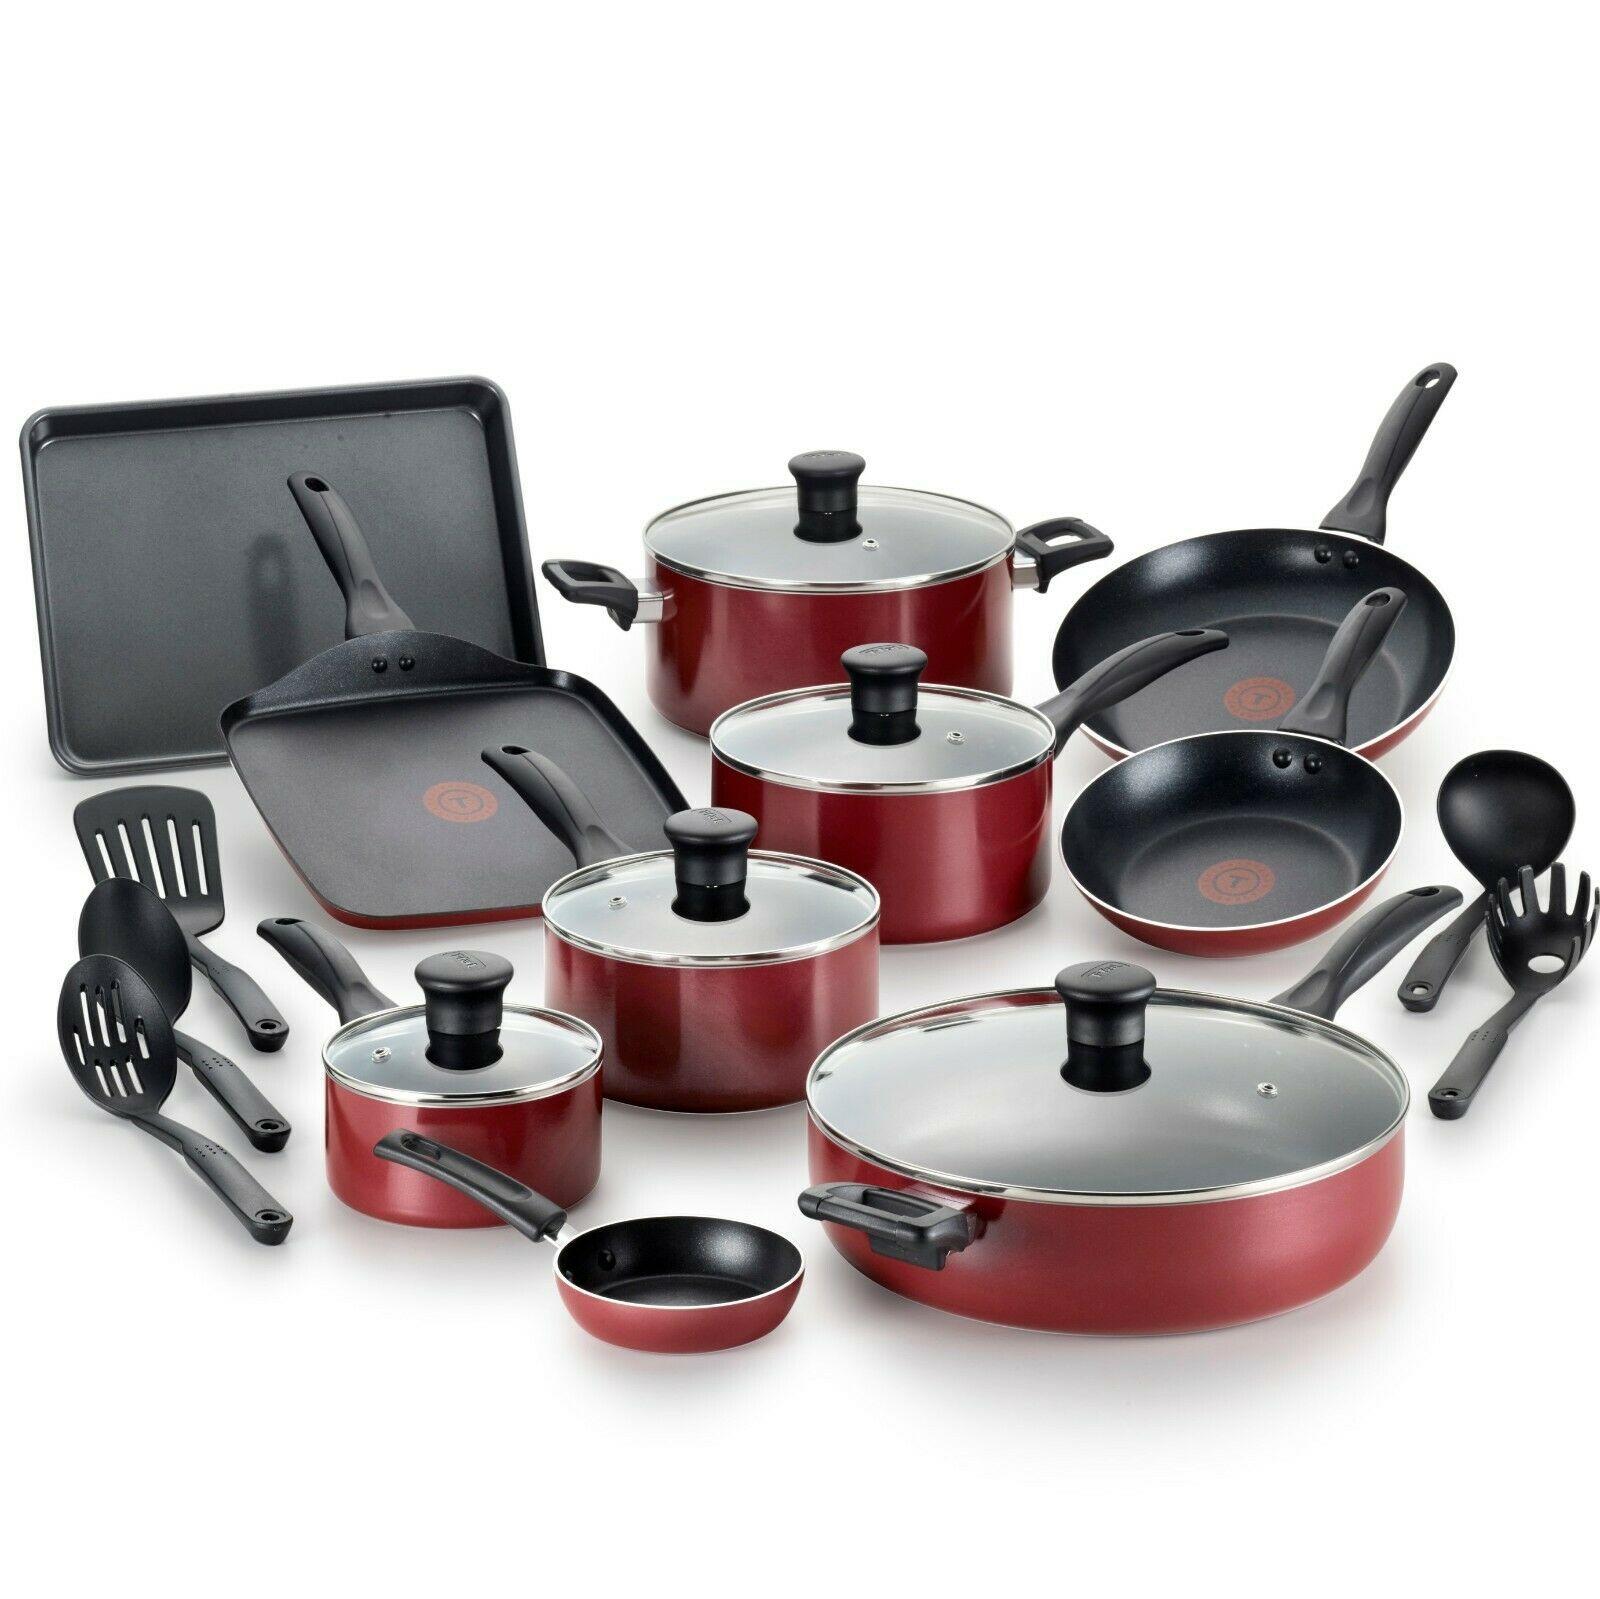 20 Piece Red Cookware Set Dishwasher Safe Non Stick Oven Safe Cookware Sets Ideas Of Cookware Sets Coo Cozinha Vermelha Utensilios De Confeitaria Cozinha